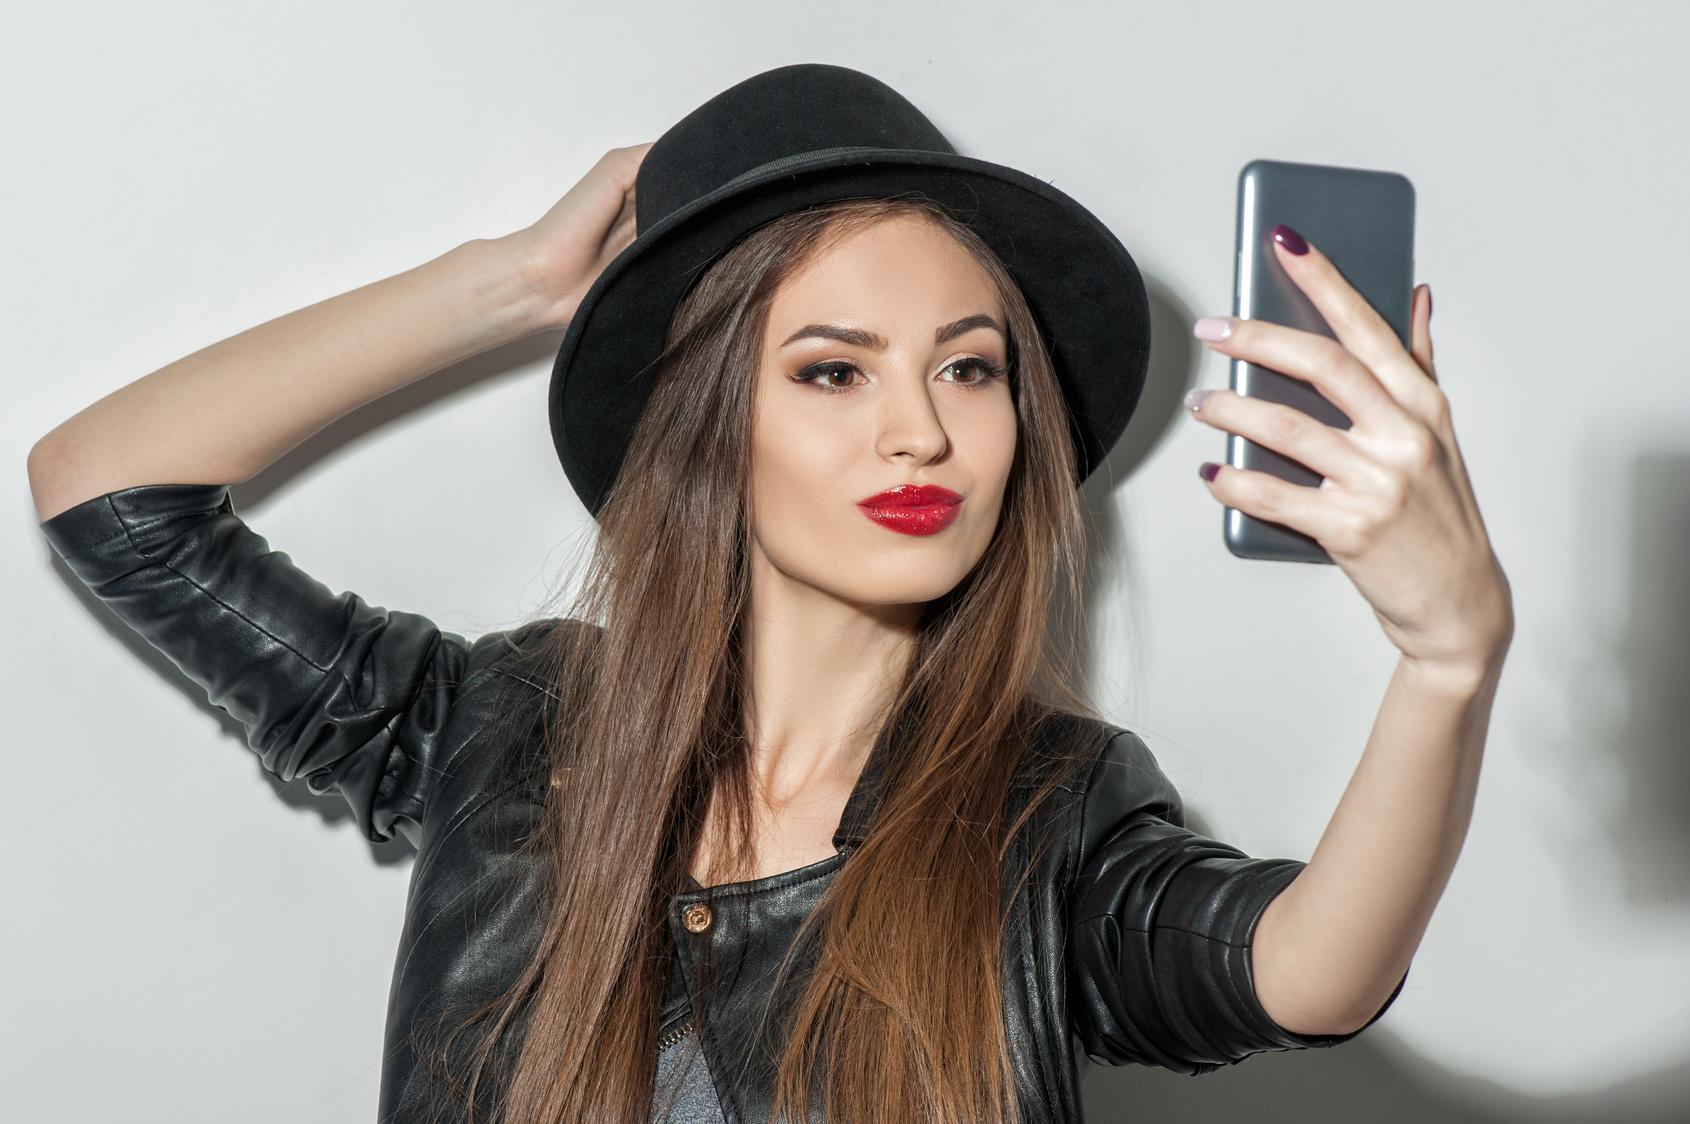 Mädchen mit Hut macht ein Smartphone-Selfie